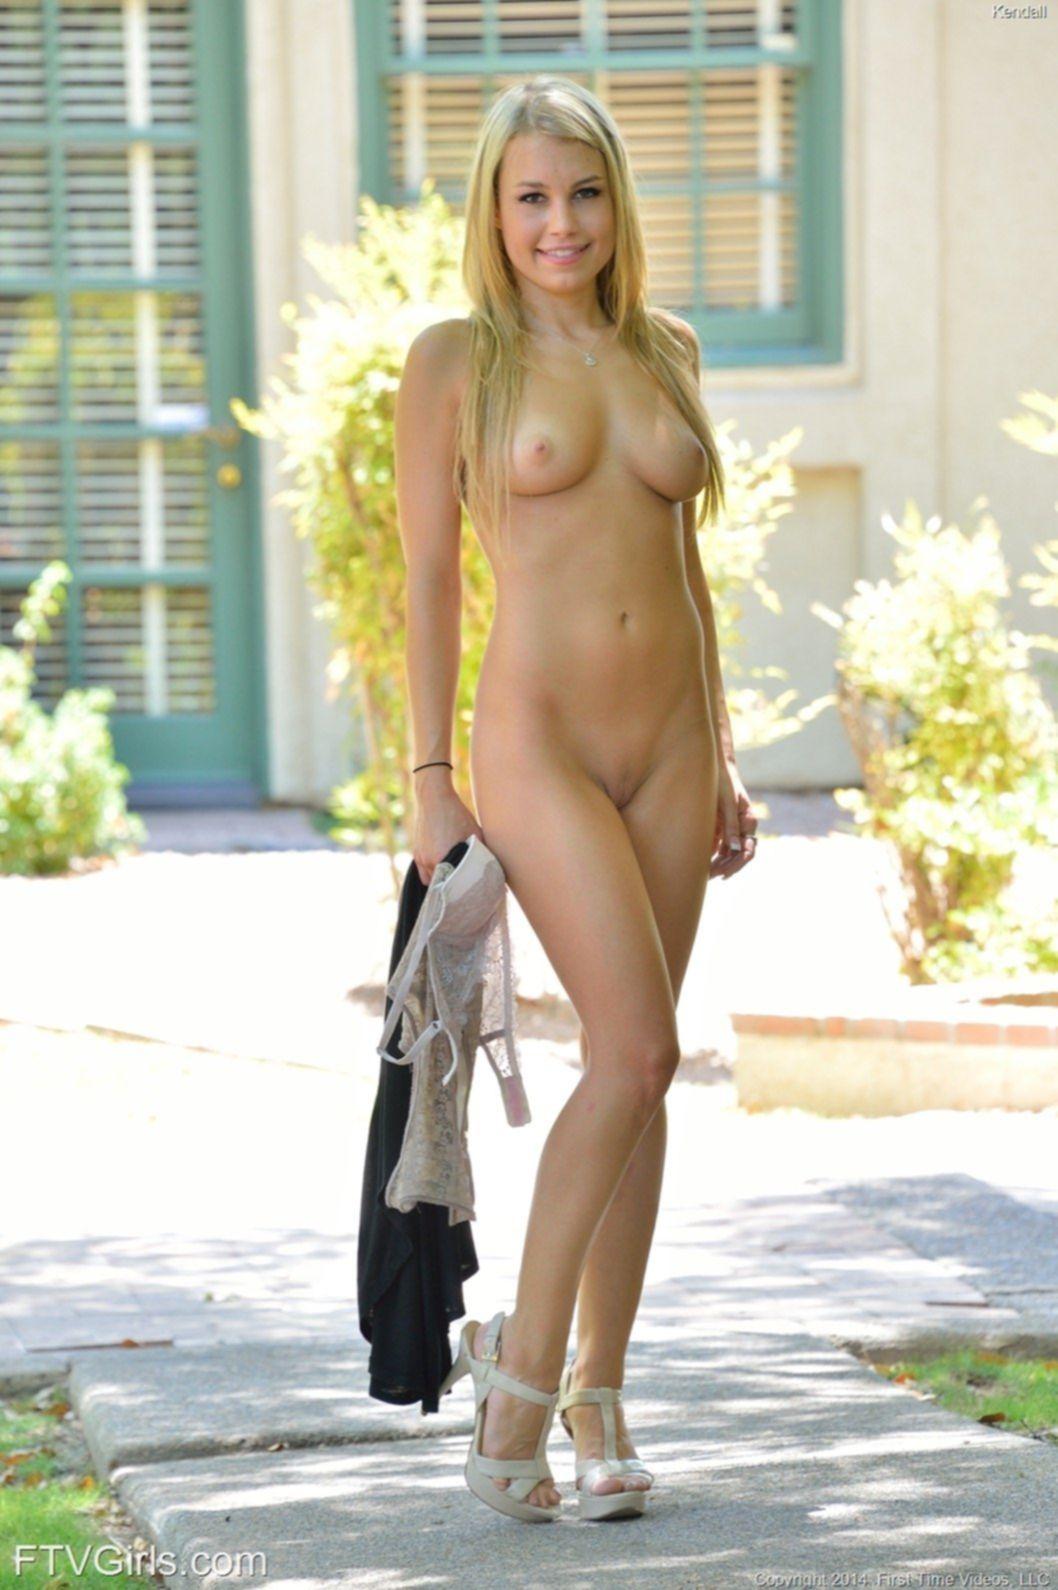 Сочная блондинка с упругой попкой на улице - фото